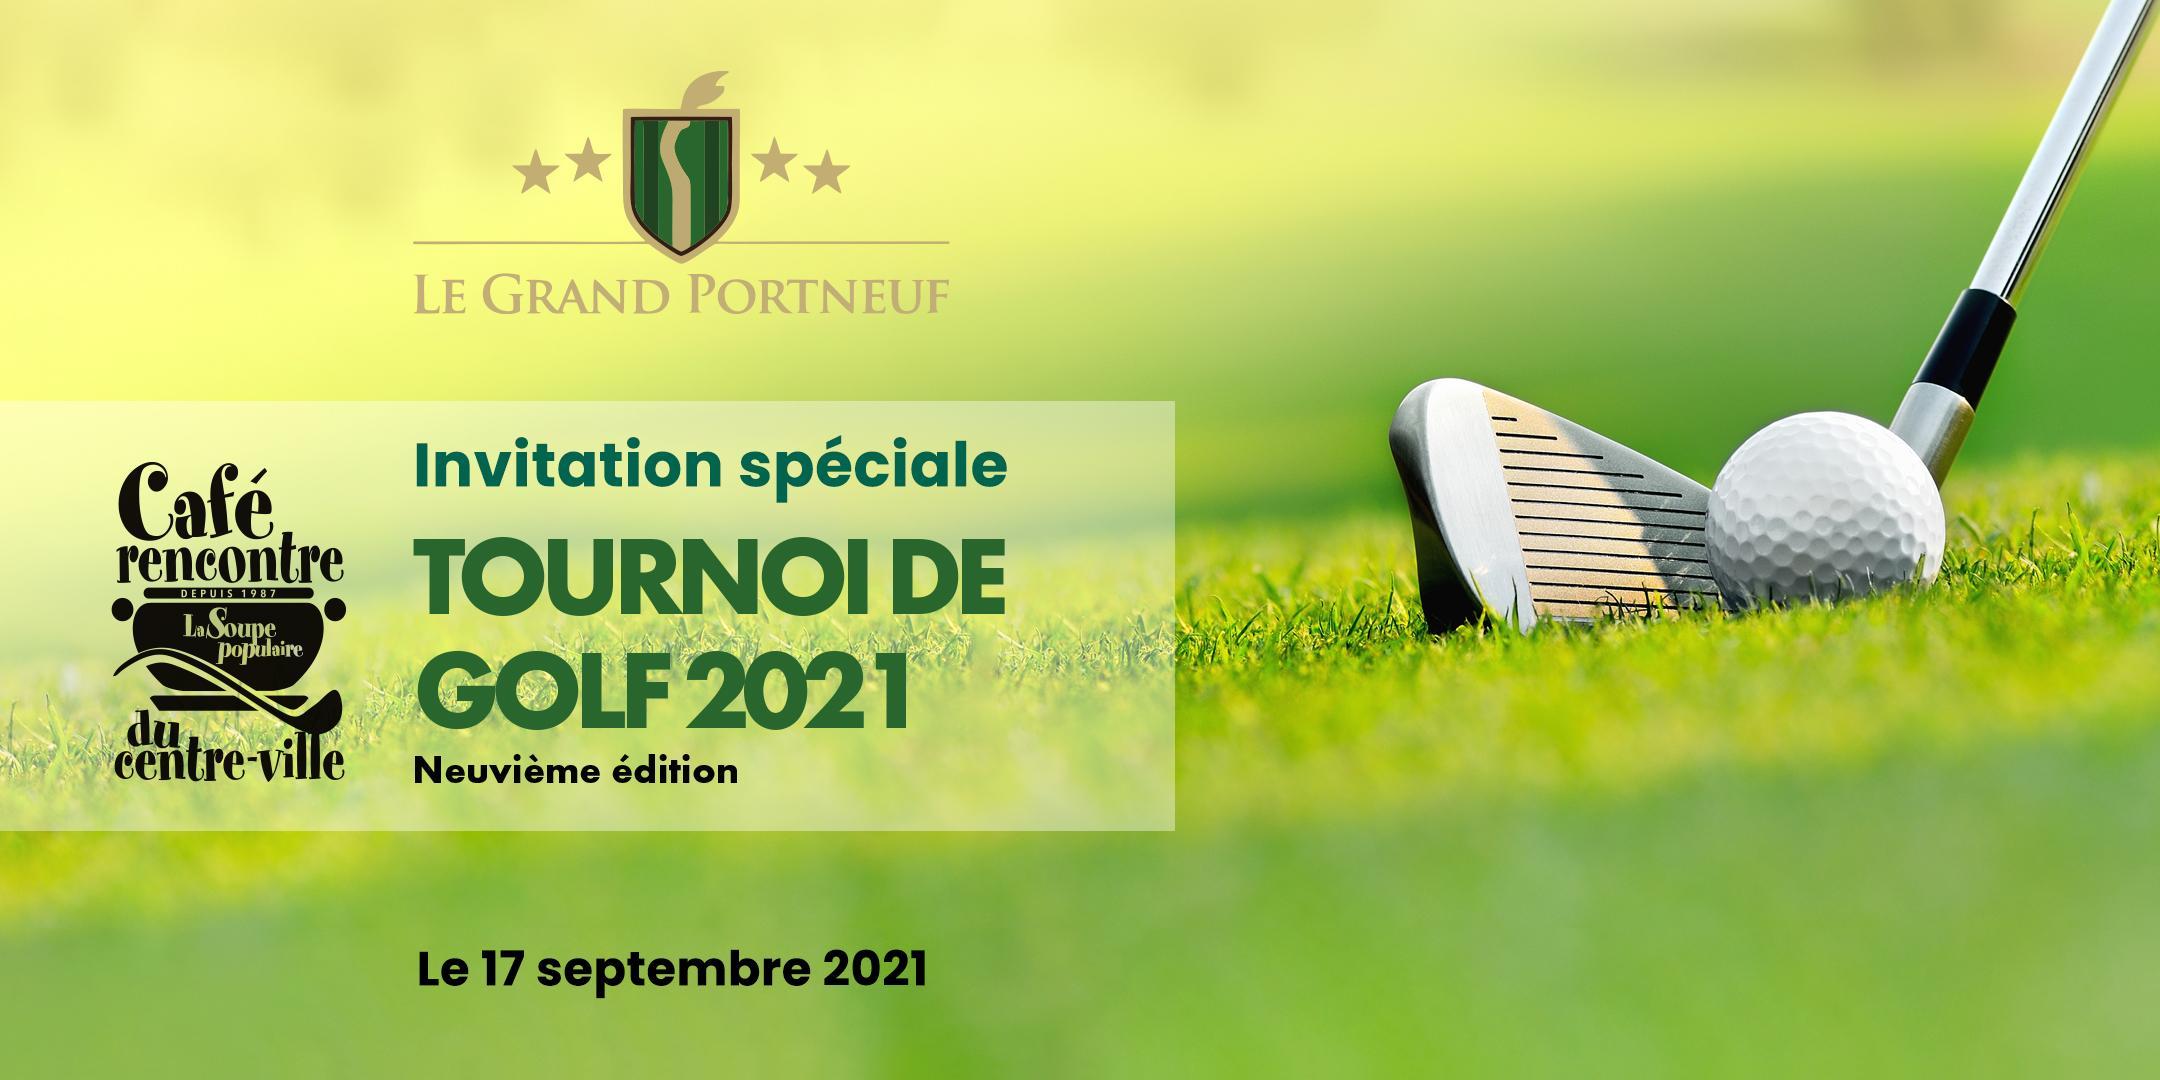 Tournoi de golf annuel Café-rencontre du centre-ville - 9ième édition